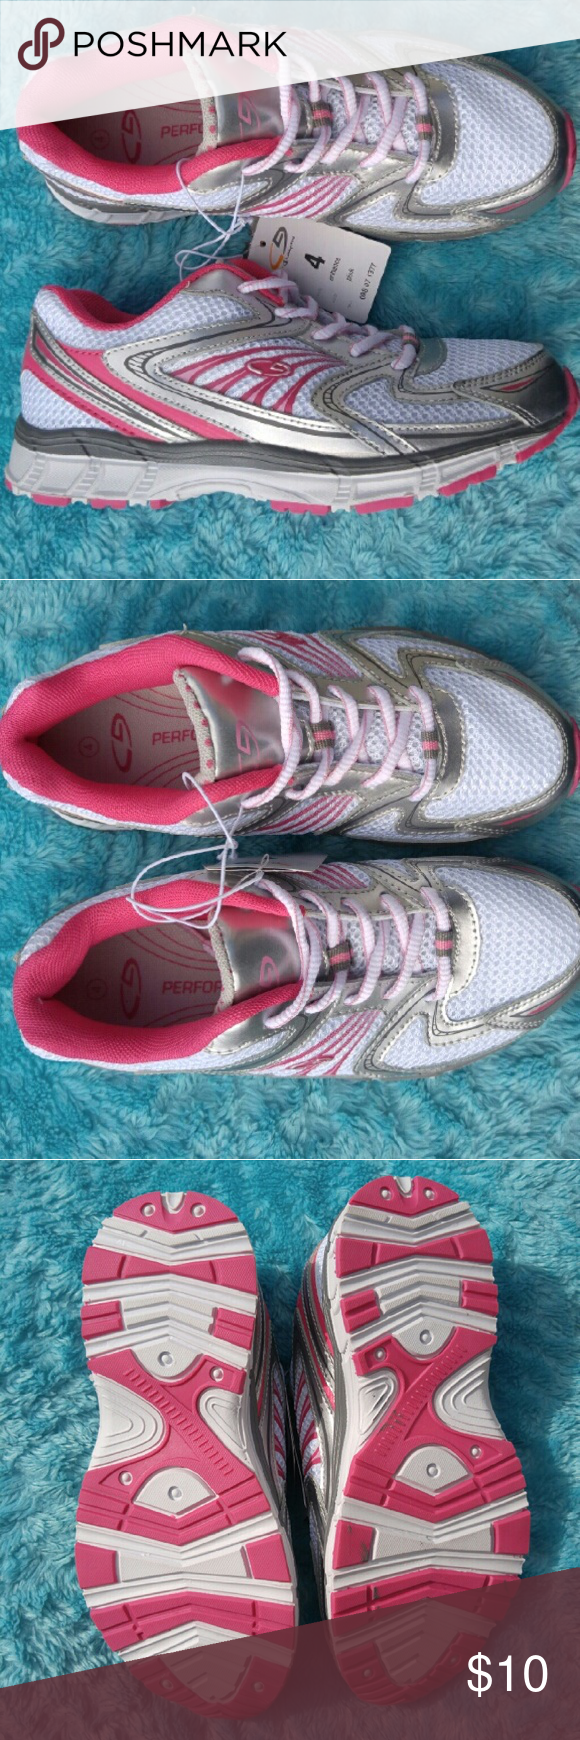 2dd9e3abbedae New C9 Girls Running Shoes Brand new girls running shoes. Pink ...